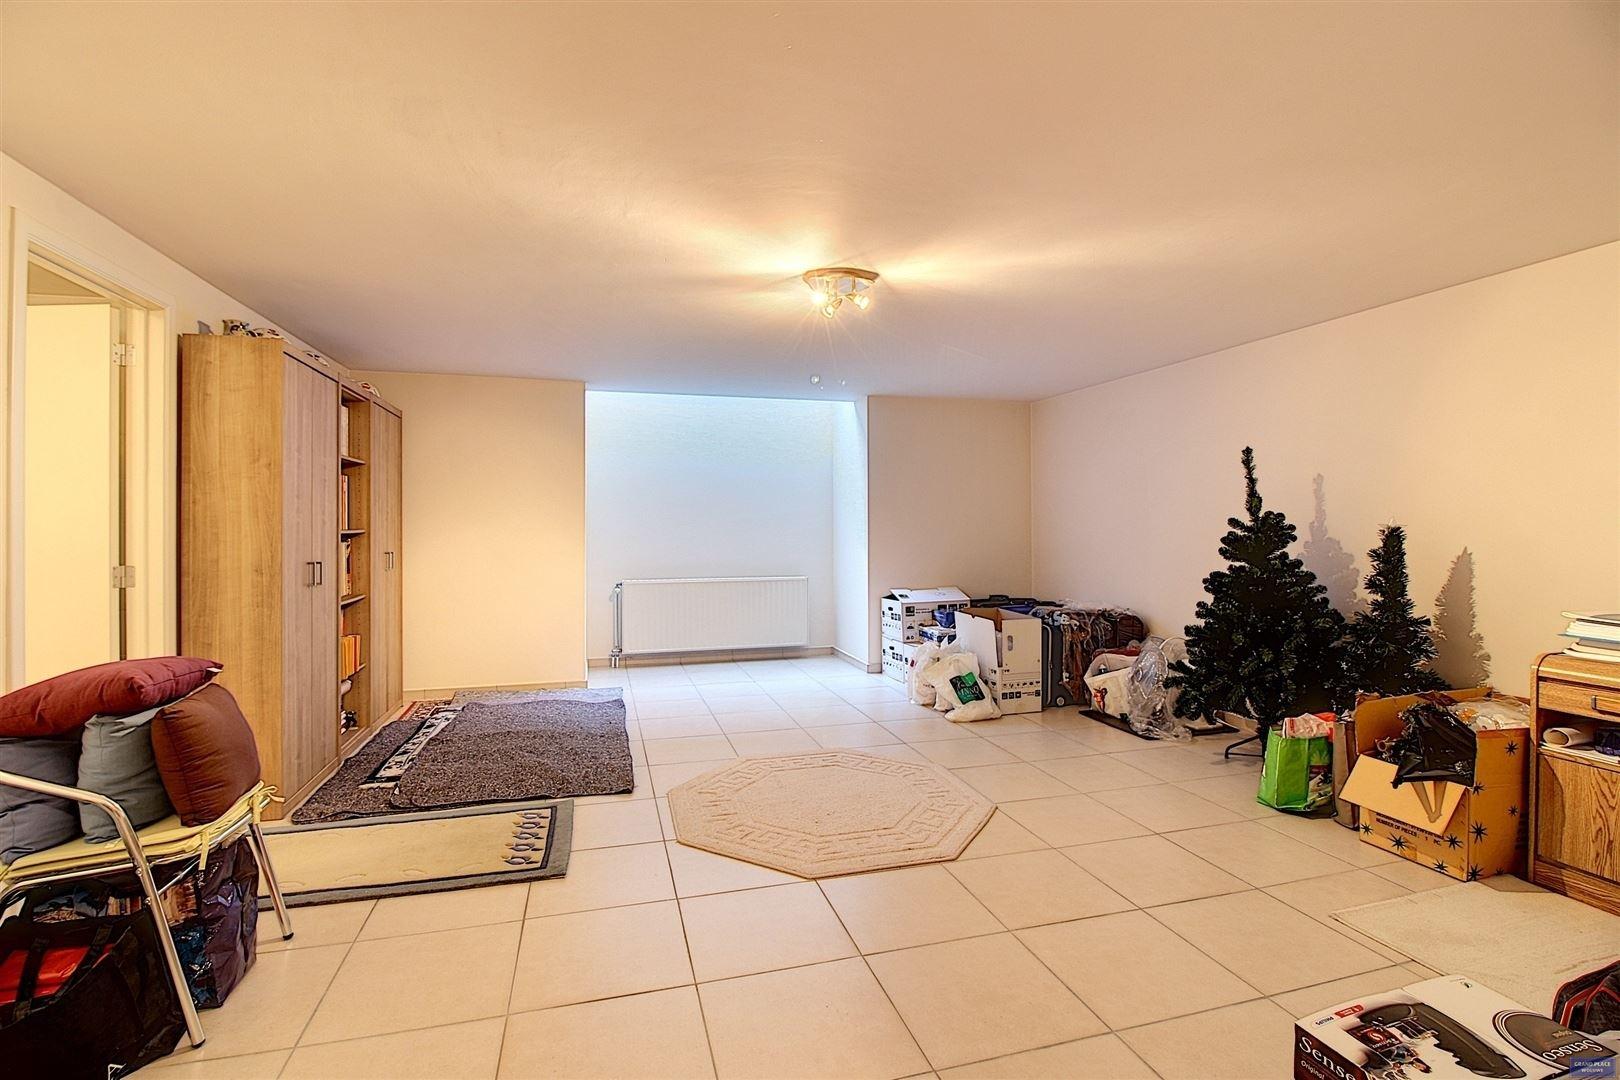 Image 25 : Villa à 1150 WOLUWÉ-SAINT-PIERRE (Belgique) - Prix 1.295.000 €